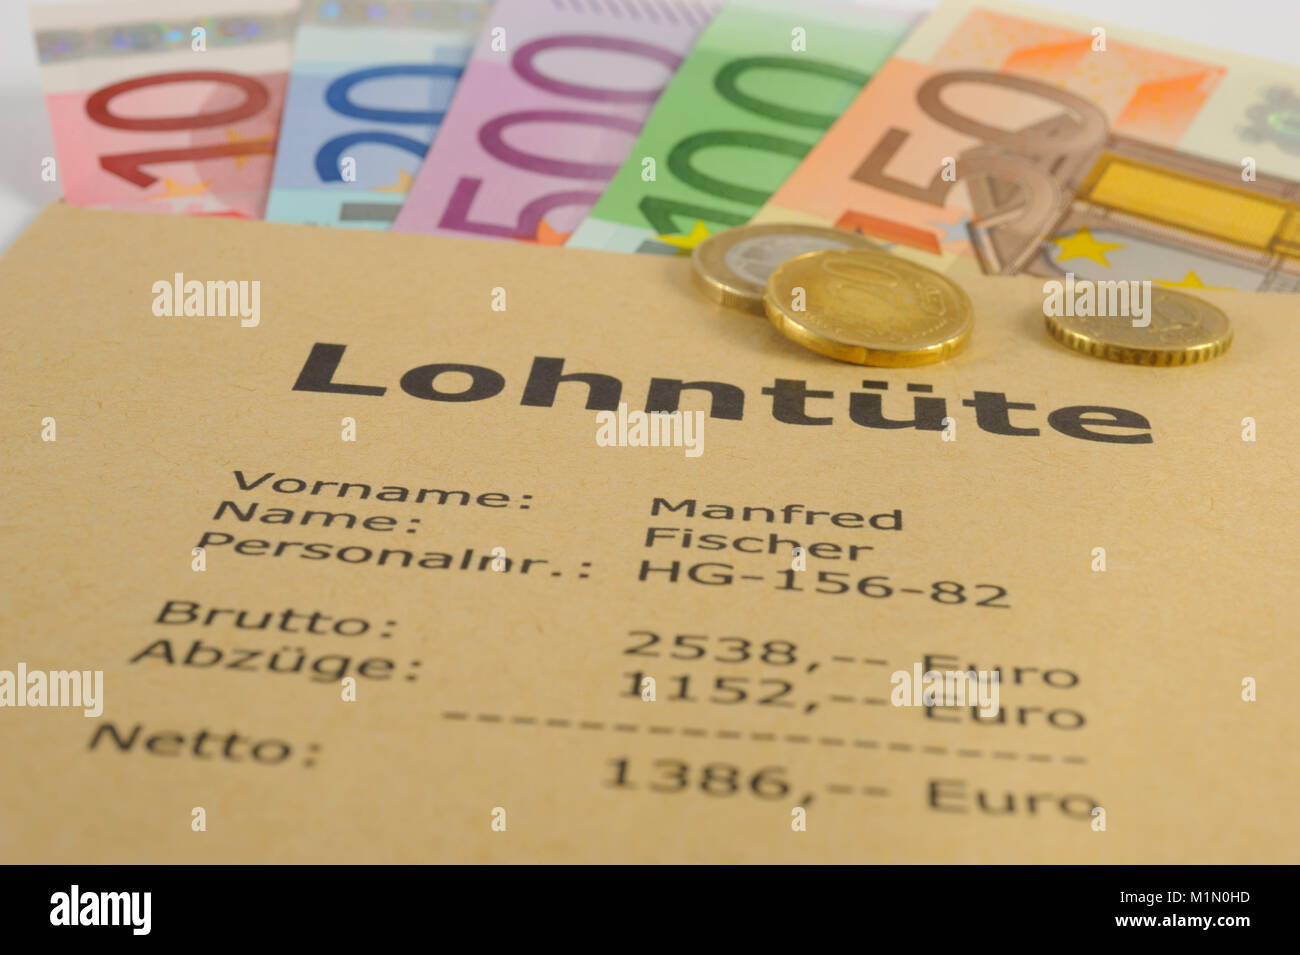 Lohntüte mit Euro - Wolfgang Filser [Jede Nutzung ist honorarpflichtig. Veroeffentlichung nur gegen Honorarzahlung, Stock Photo